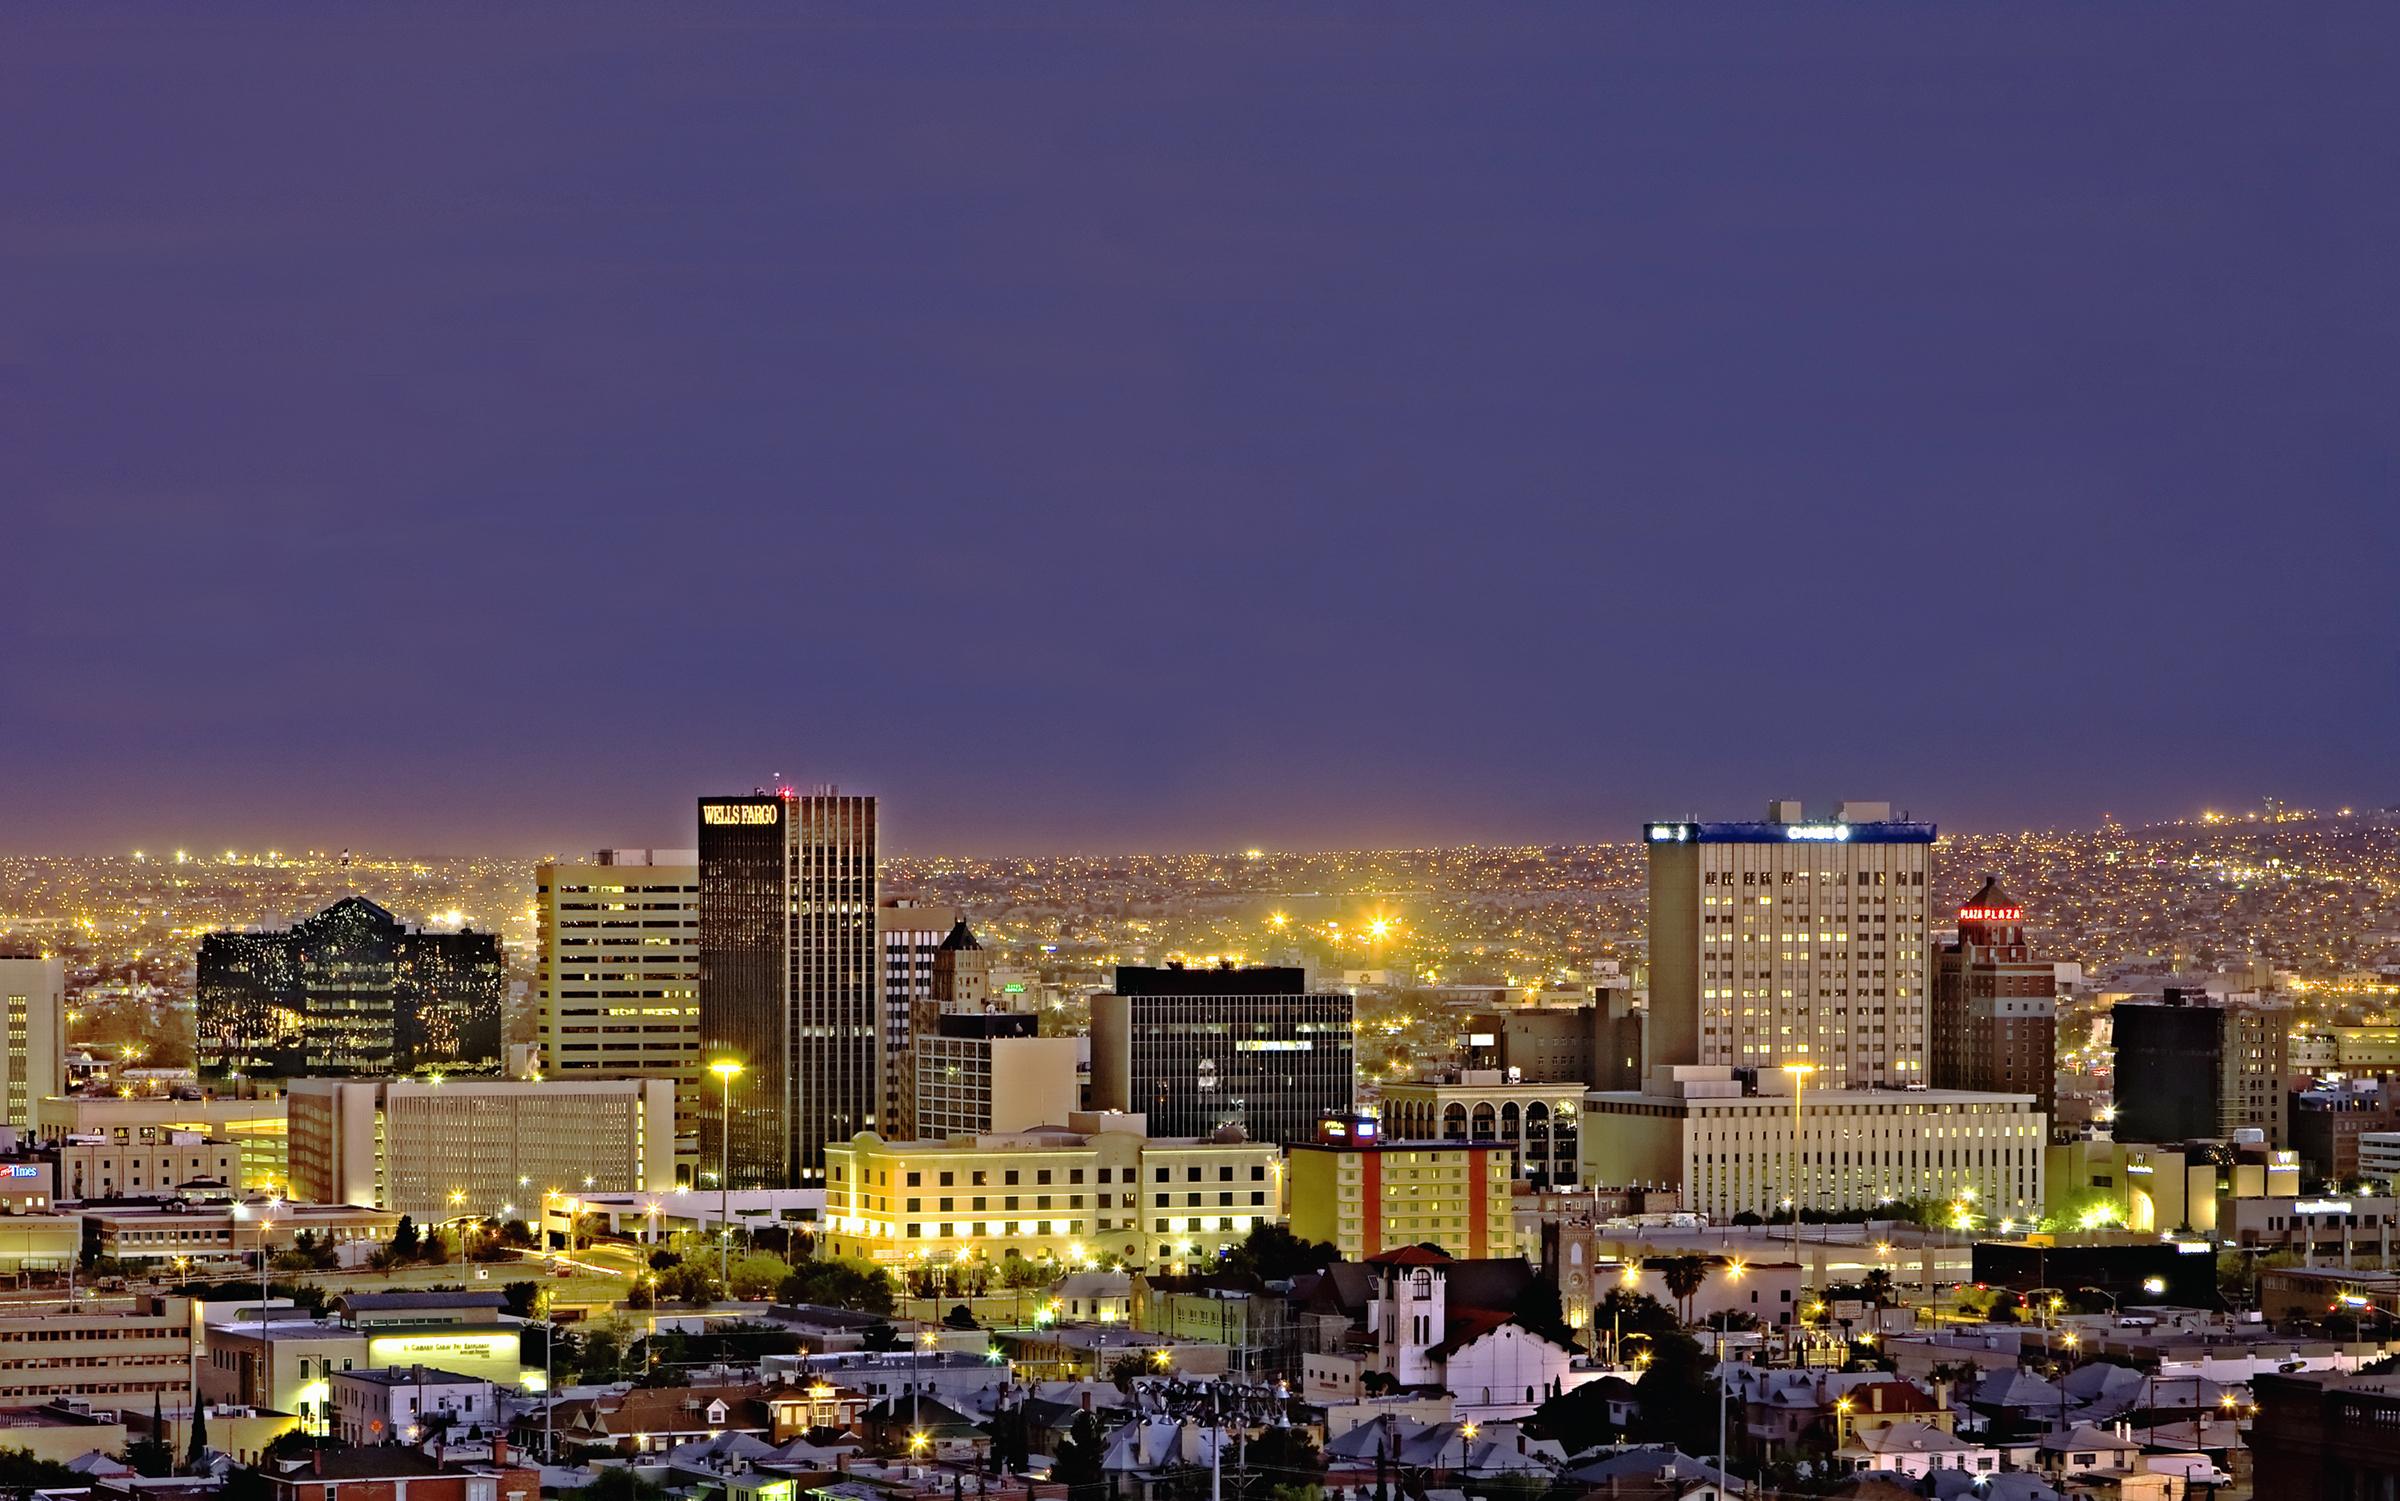 El Paso Nightscape